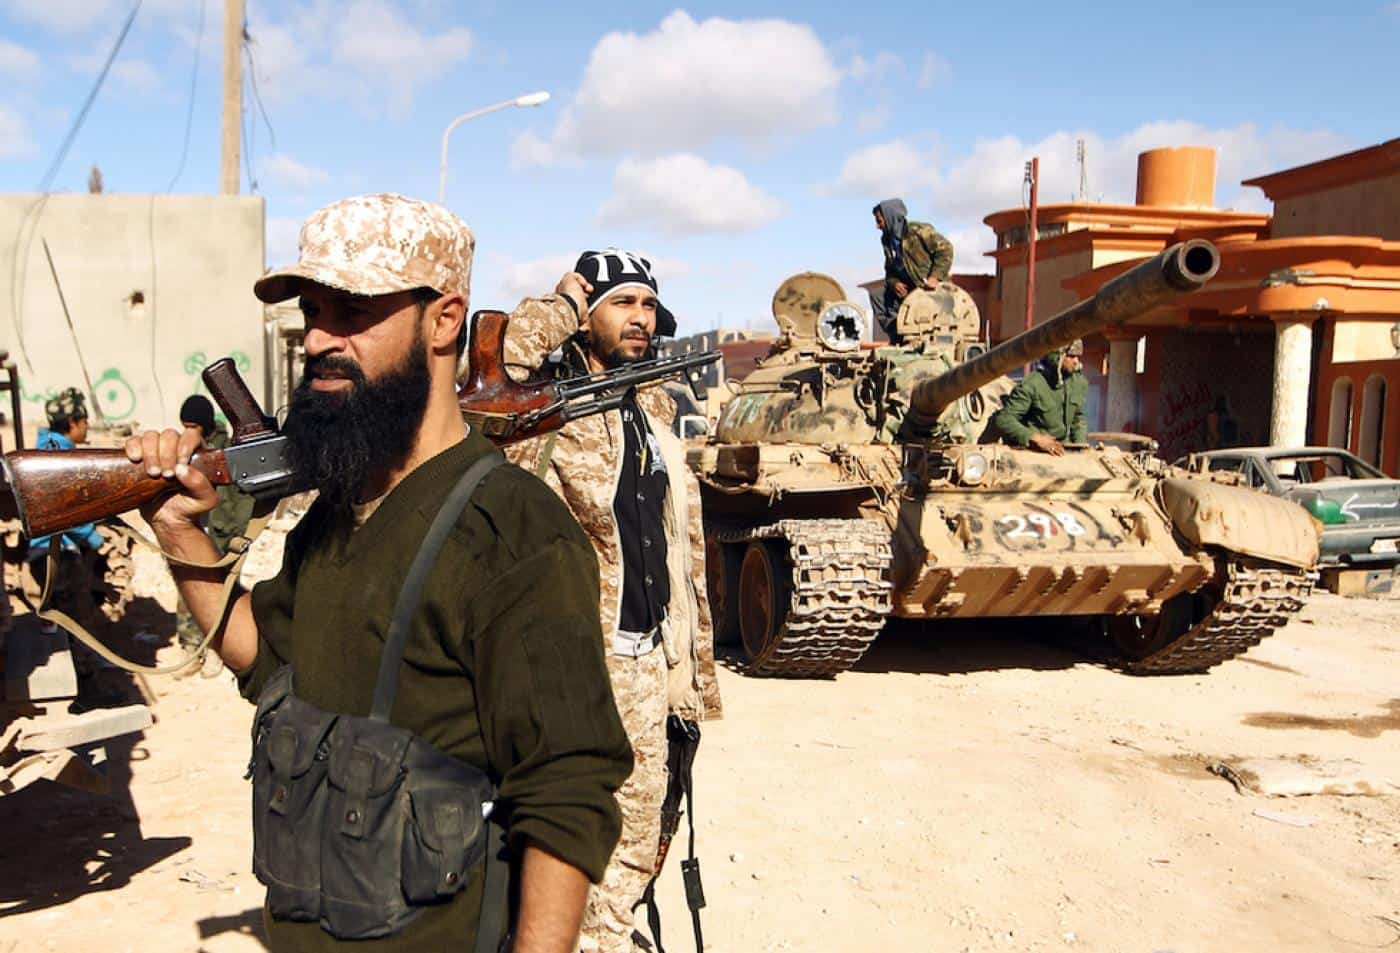 Guns for Hire: Mercenary Warfare in Libya